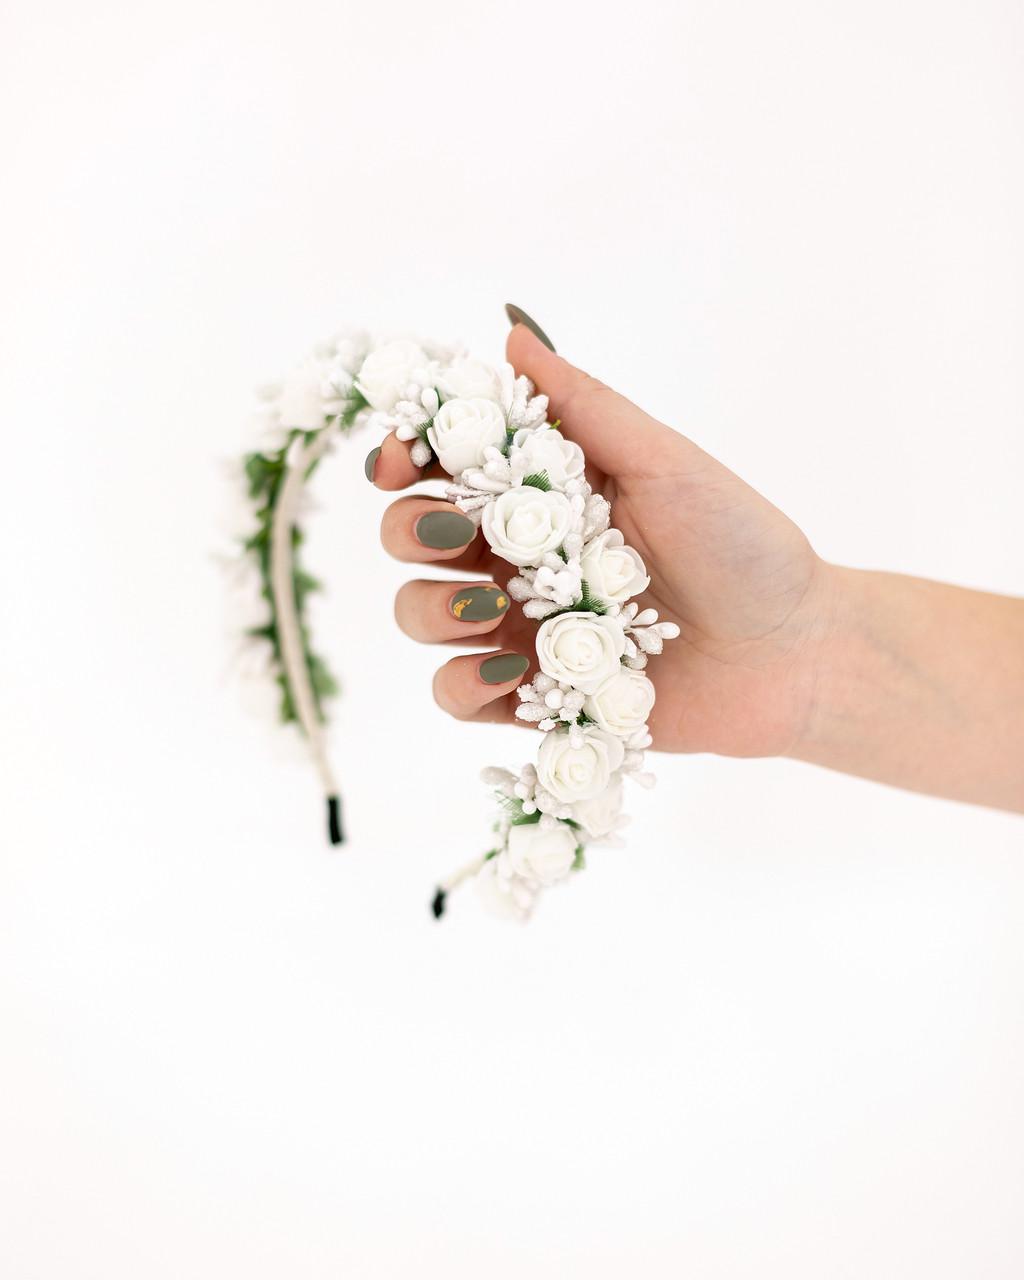 Обруч из белых цветов